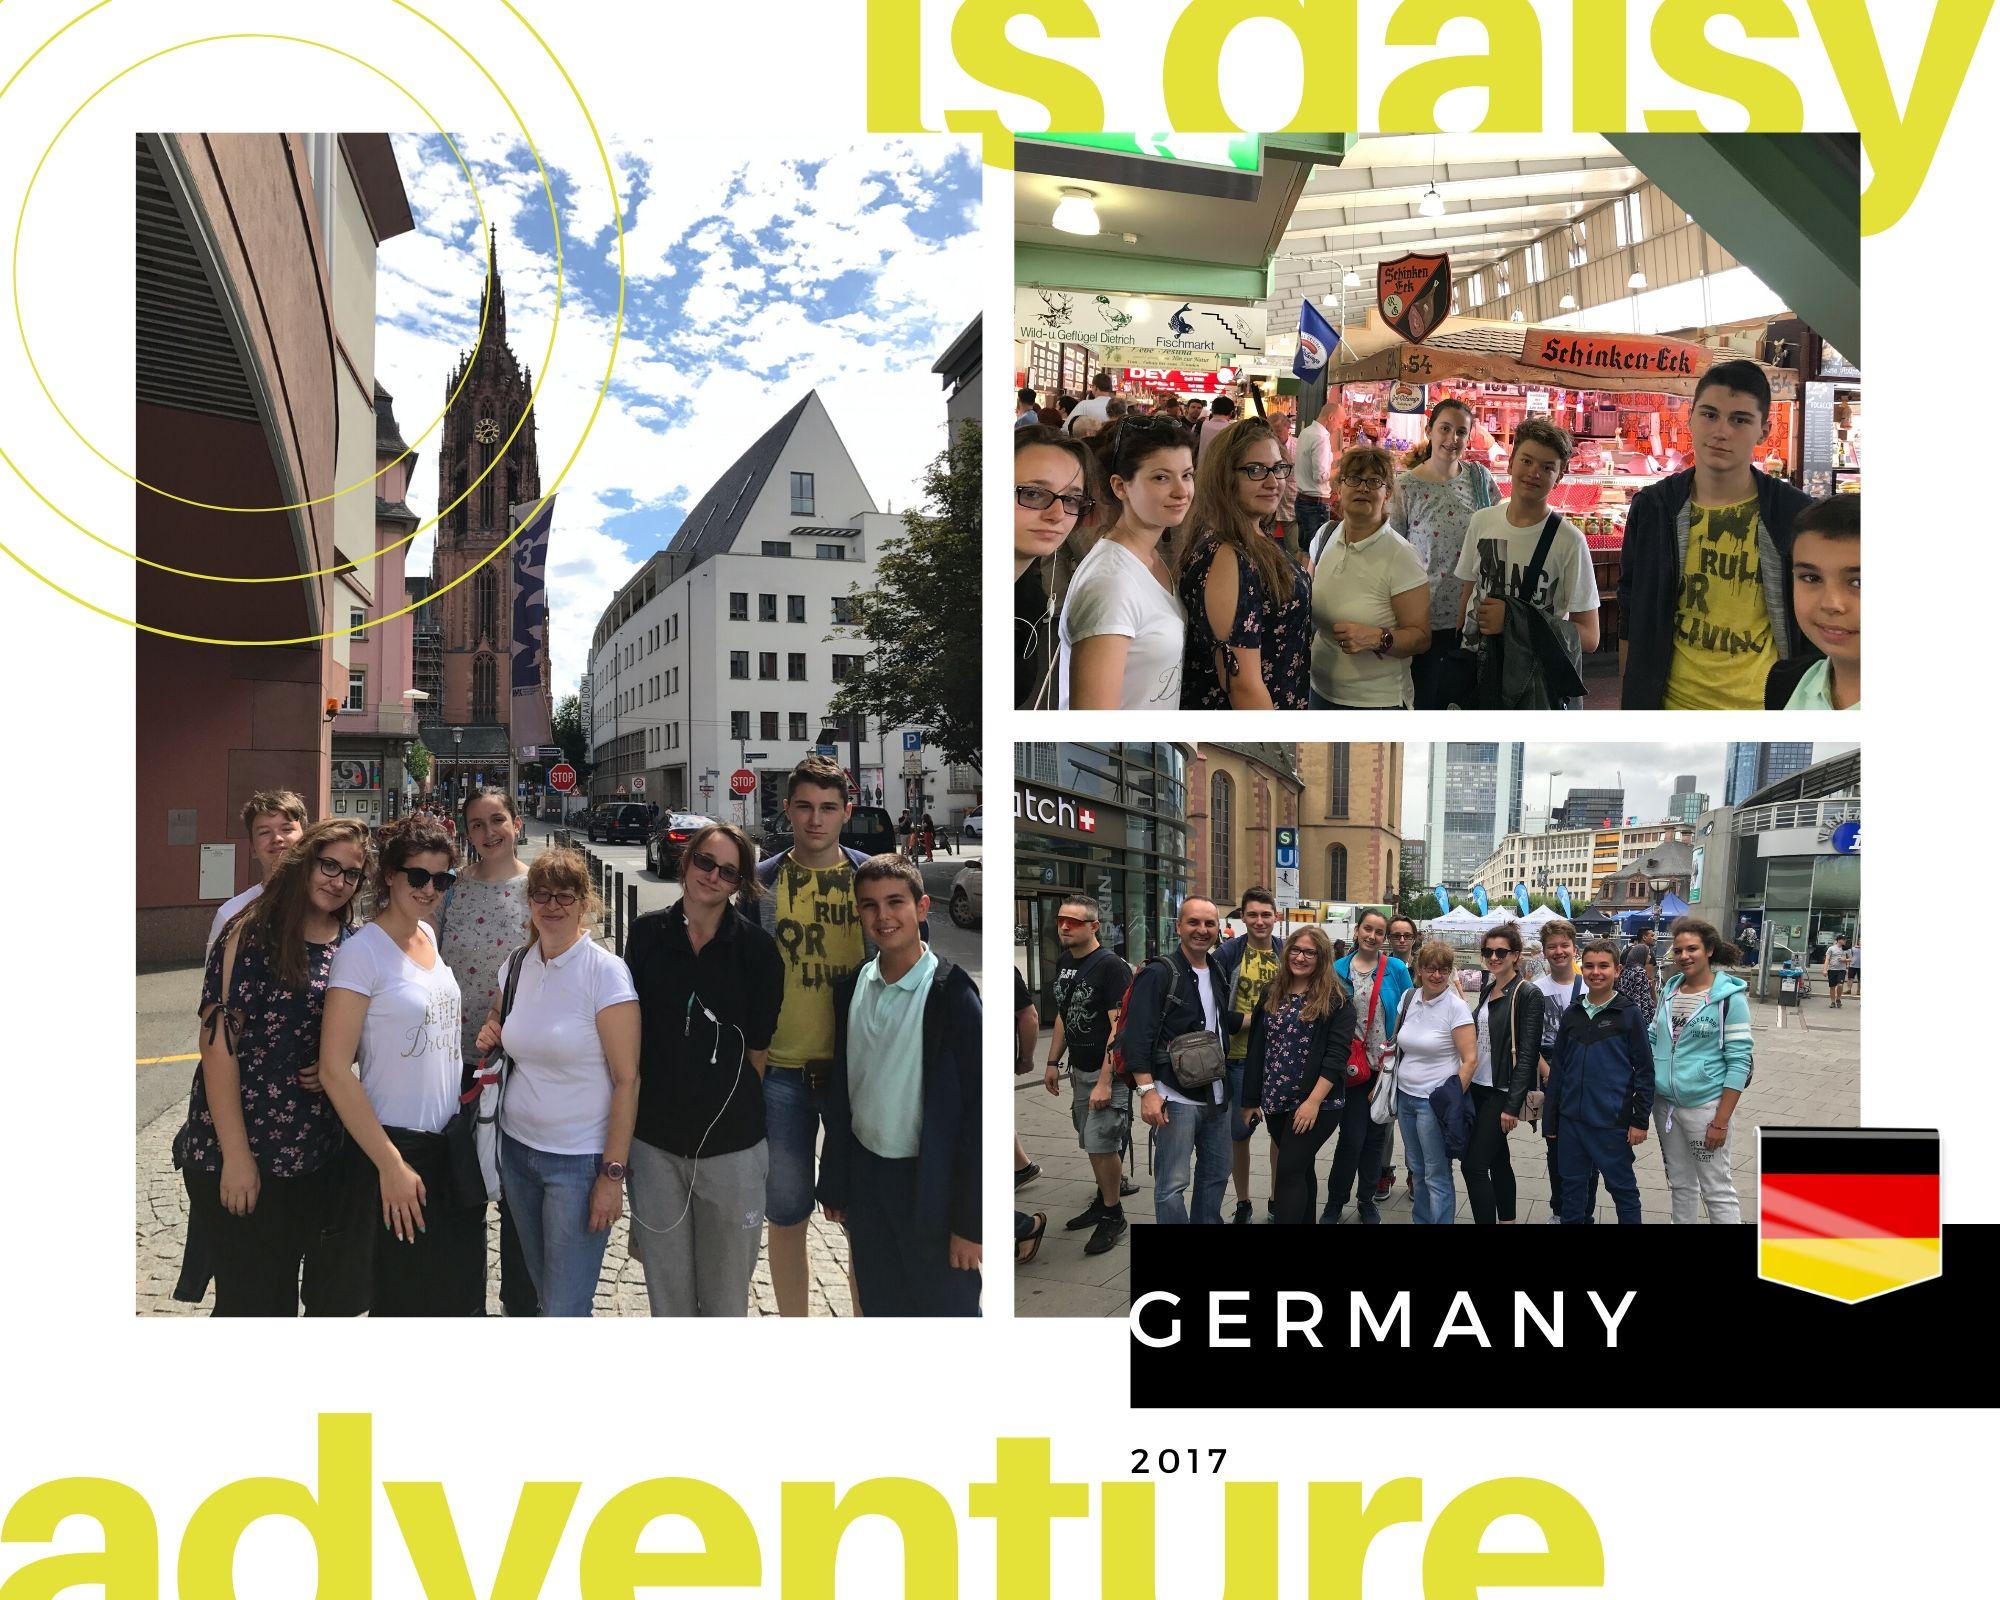 DAISY Adventure Germany